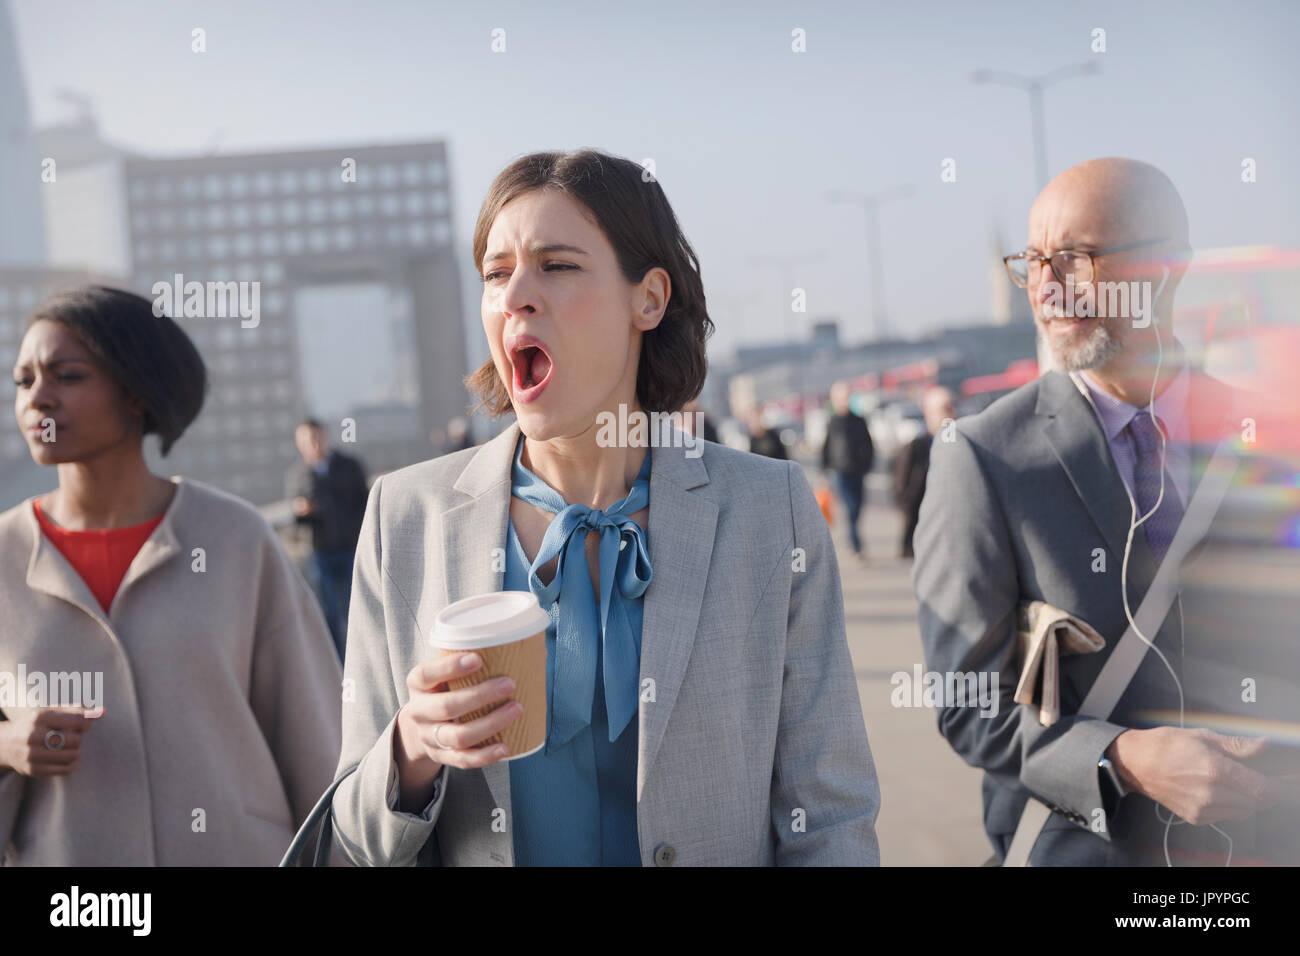 Cansado empresaria con café bostezo en mañana soleada puente peatonal urbano Imagen De Stock